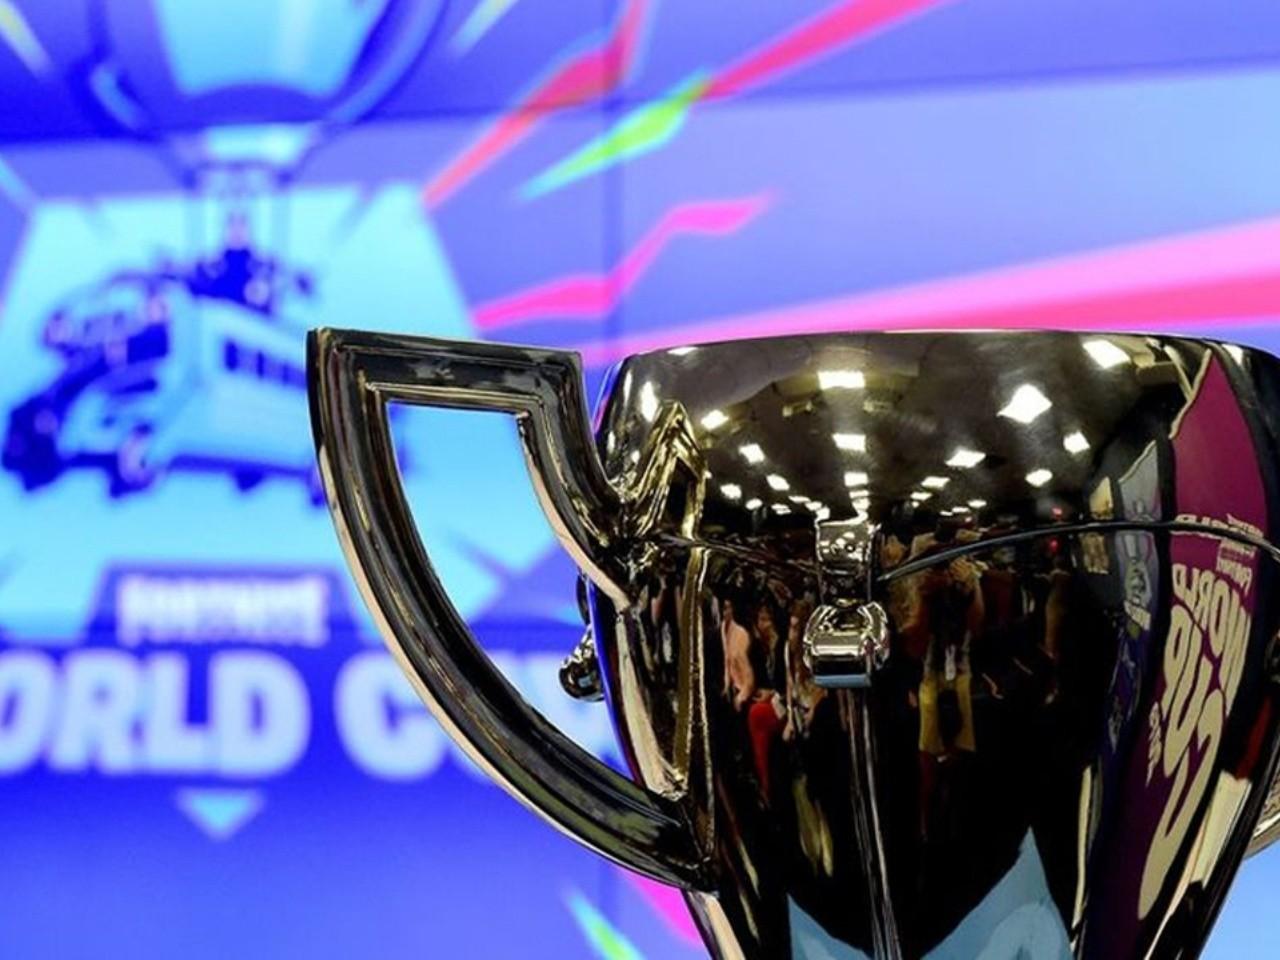 Fortnite World Cup Trophy In Game Fortnite Epic Games Confirma Que No Habra Eventos Presenciales En Todo 2021 Bolavip